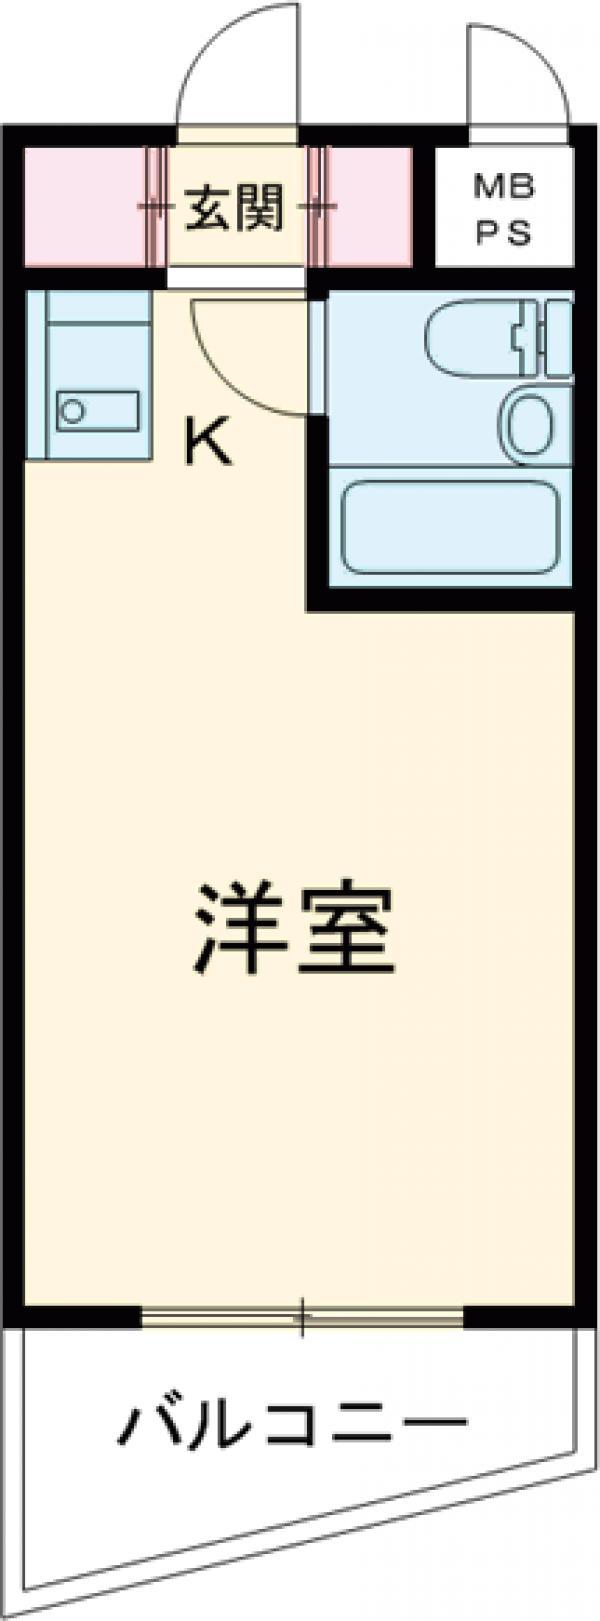 セントエルモ西早稲田・1305号室の間取り